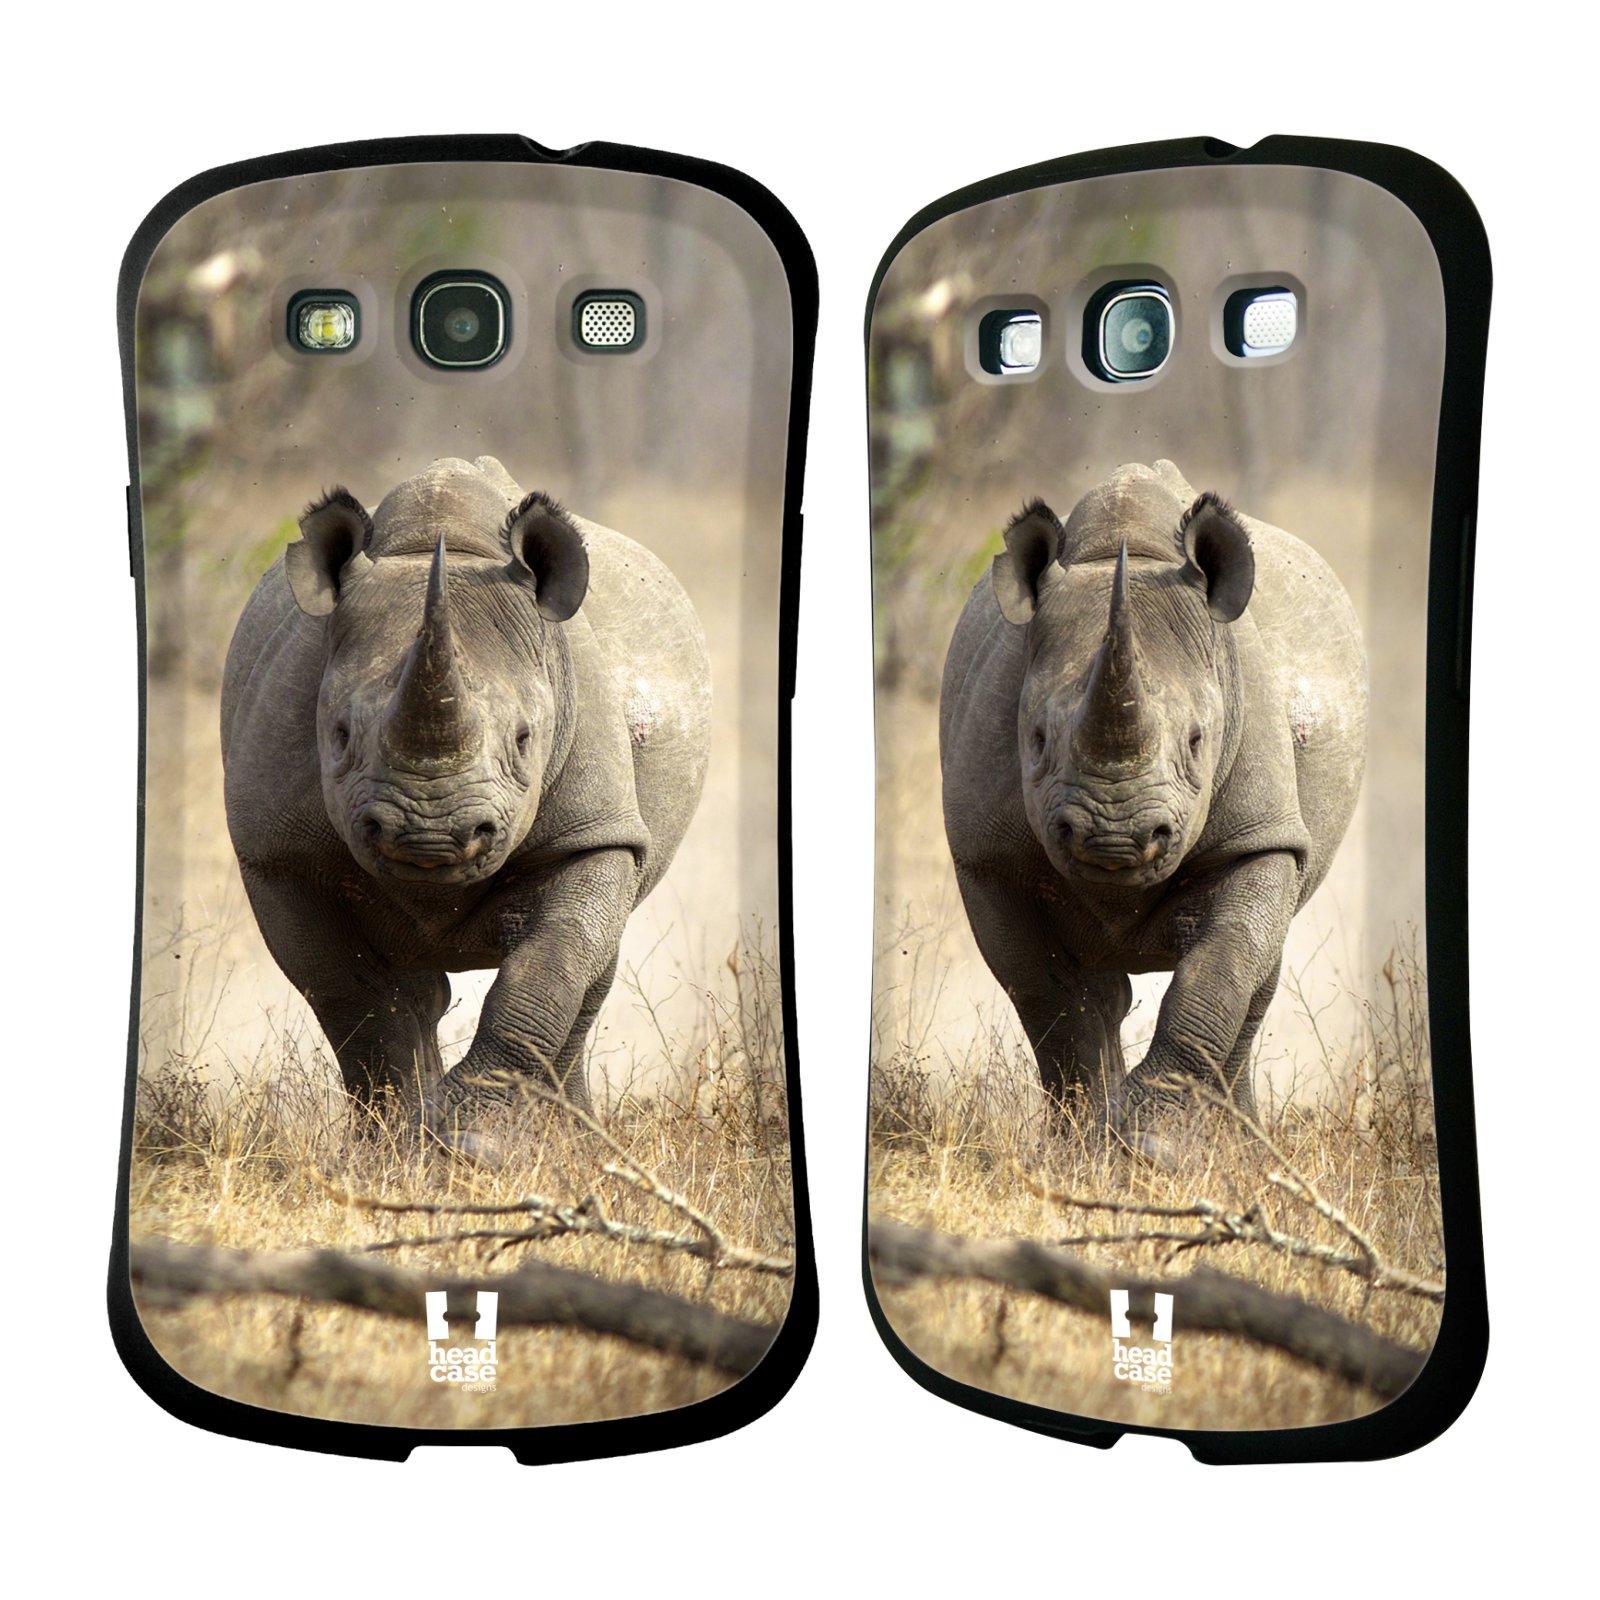 HEAD CASE silikon/plast odolný obal na mobil Samsung Galaxy S3 vzor Divočina, Divoký život a zvířata foto AFRIKA BĚŽÍCÍ NOSOROŽEC